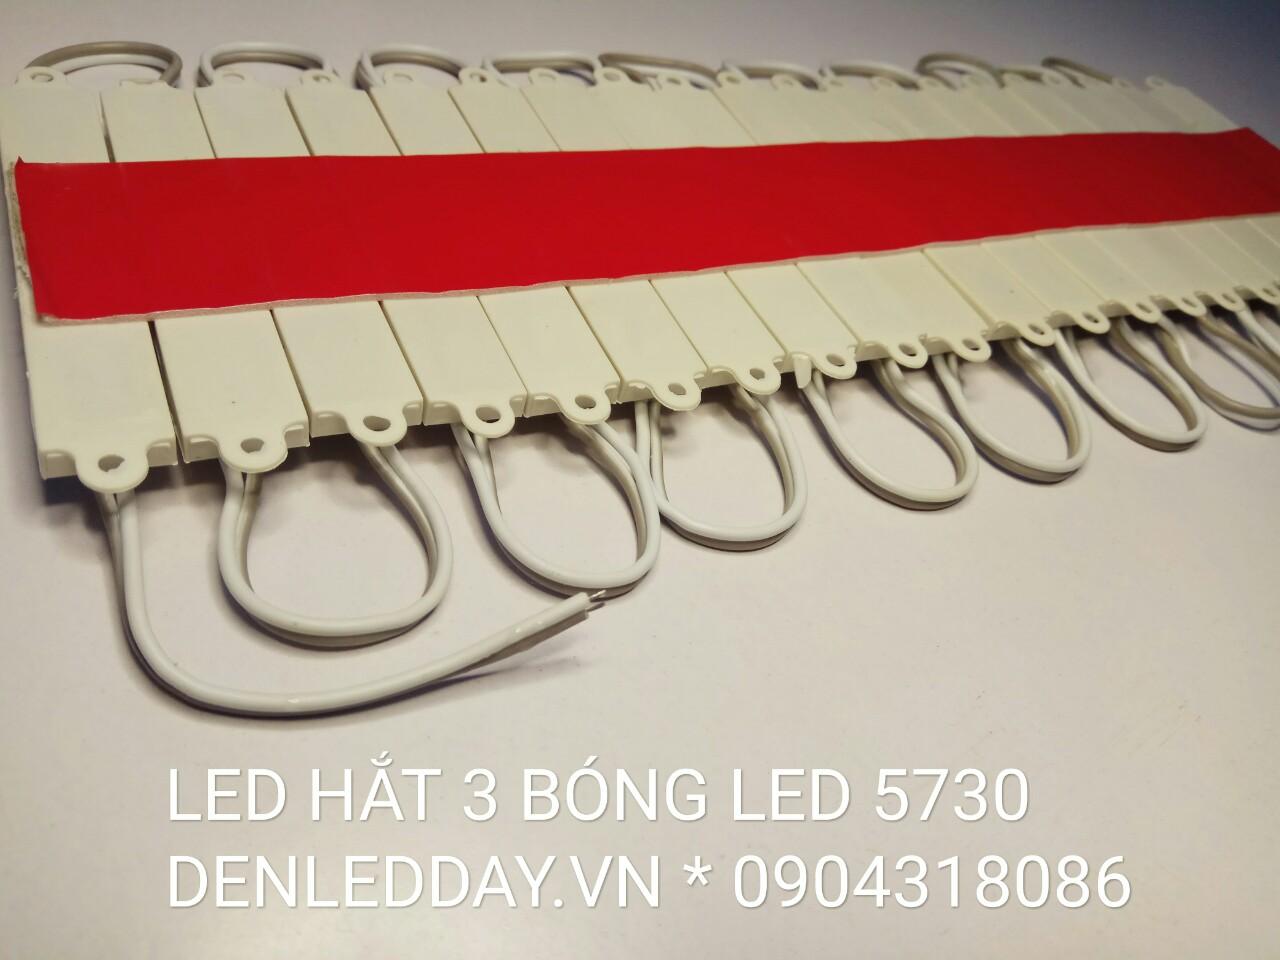 LED Hắt Giá Rẻ - LED 5730 - 3 Bóng 75x12mm 12VDC